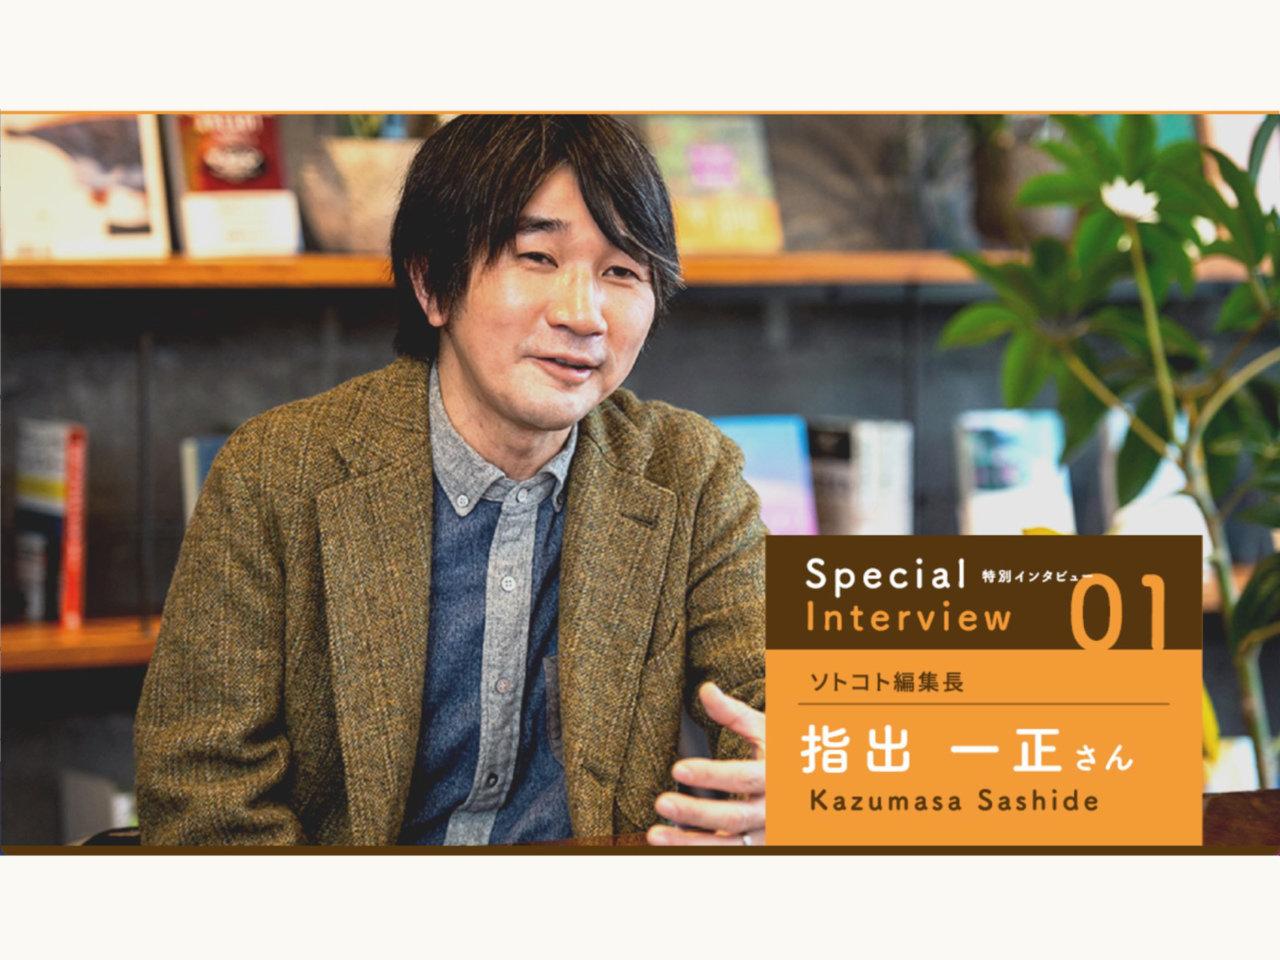 高崎市のサイトにインタビューを掲載いただきました!